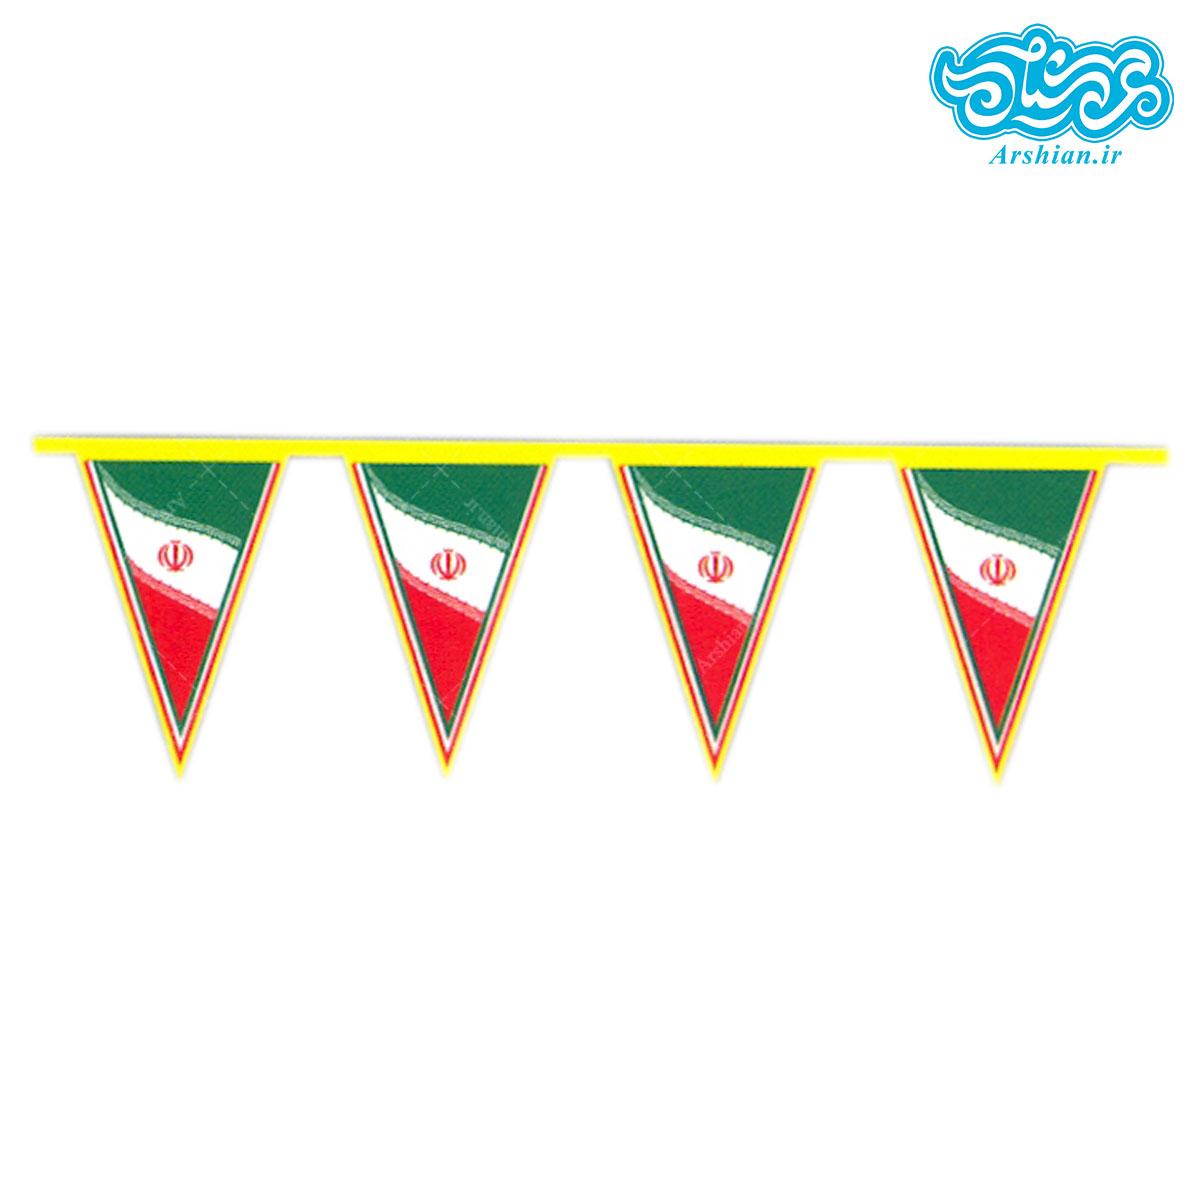 ریسه پرچم ایران کد 001